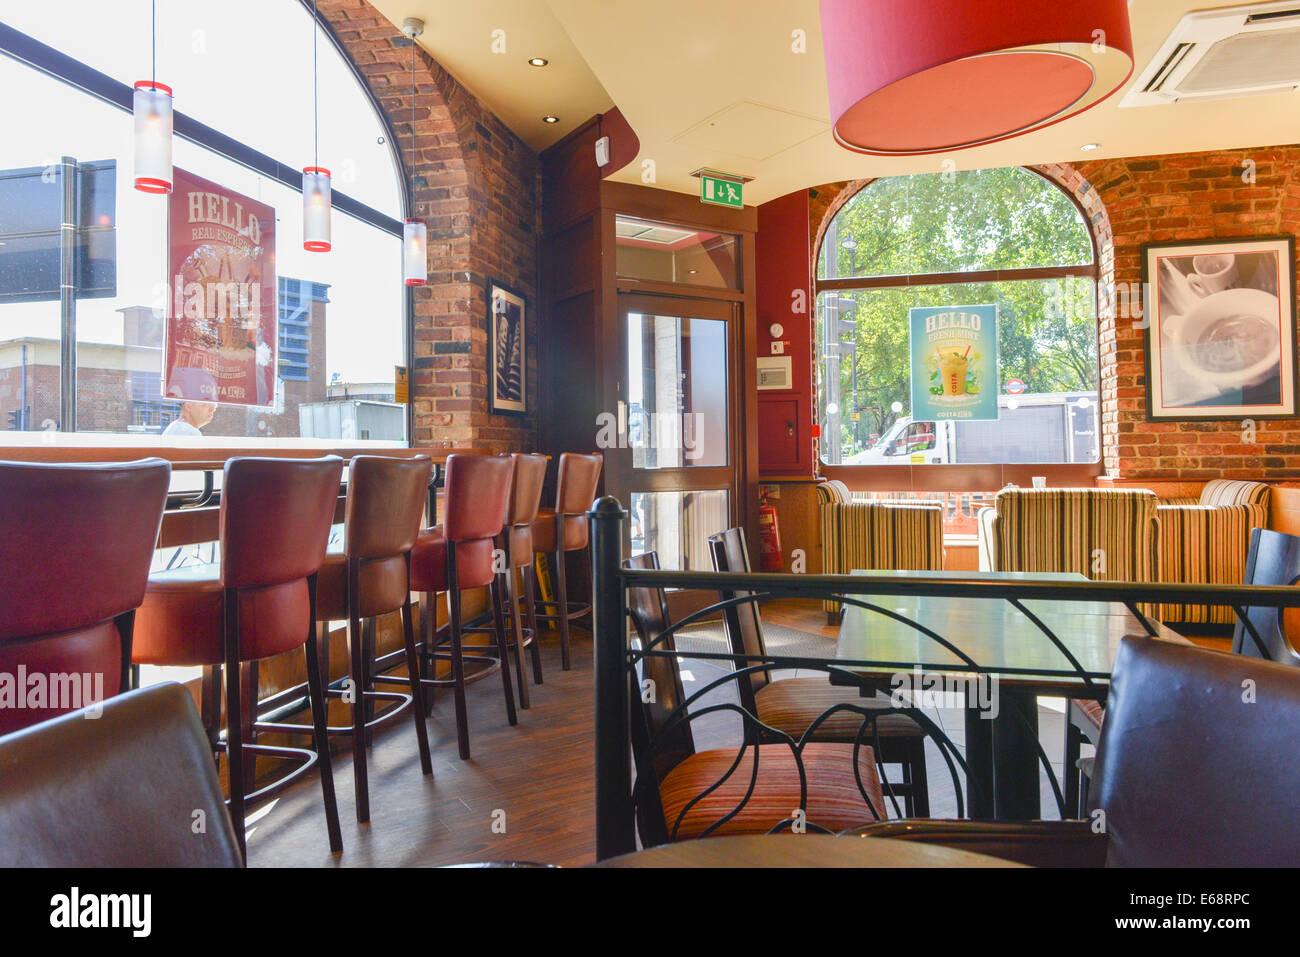 Inside A Costa Coffee Shop Cafe In Turnpike Lane London